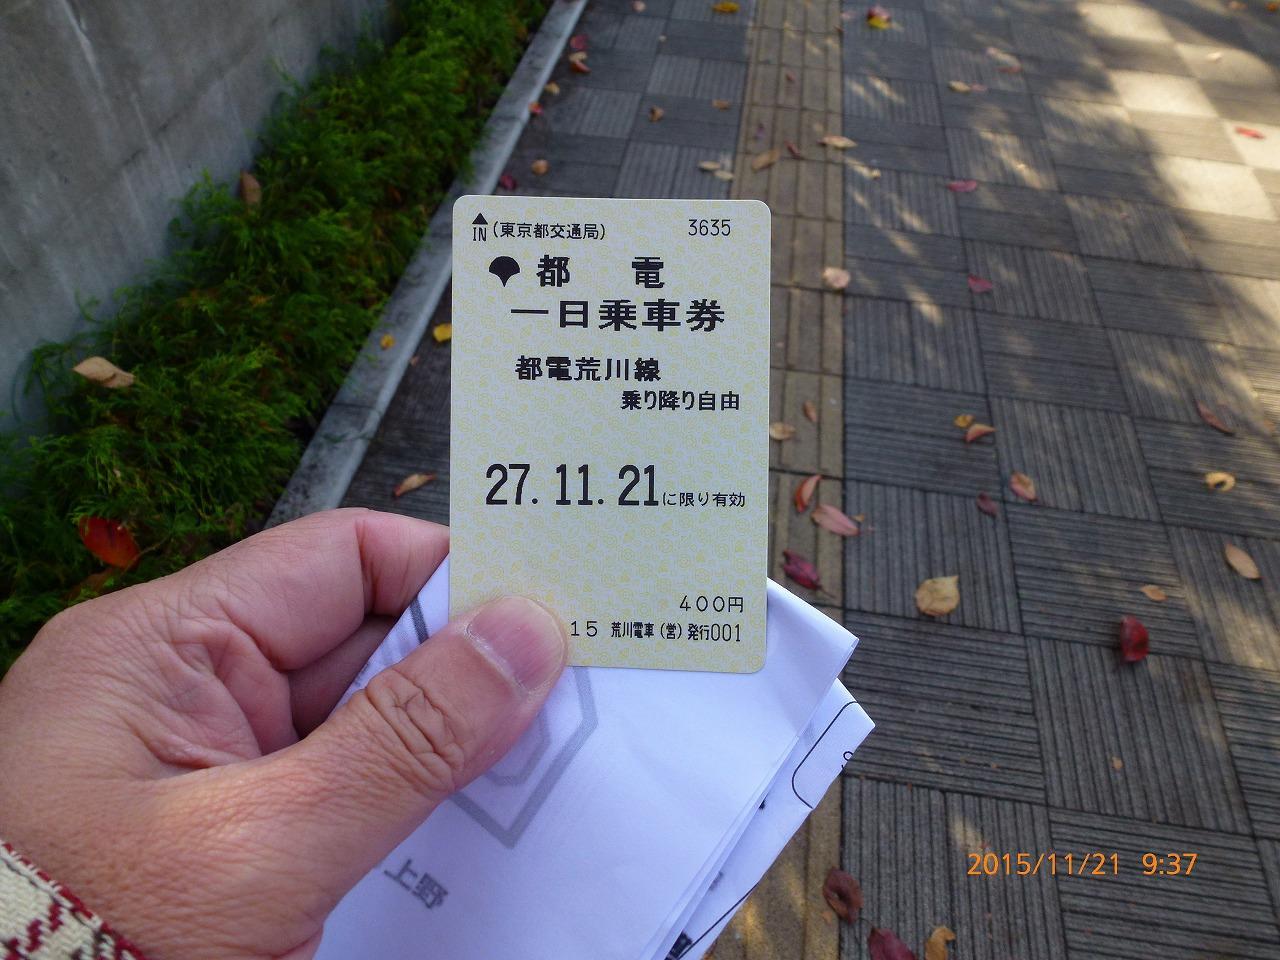 【東京散策41-1】 都電荒川線1日制覇  (三ノ輪橋~向原)